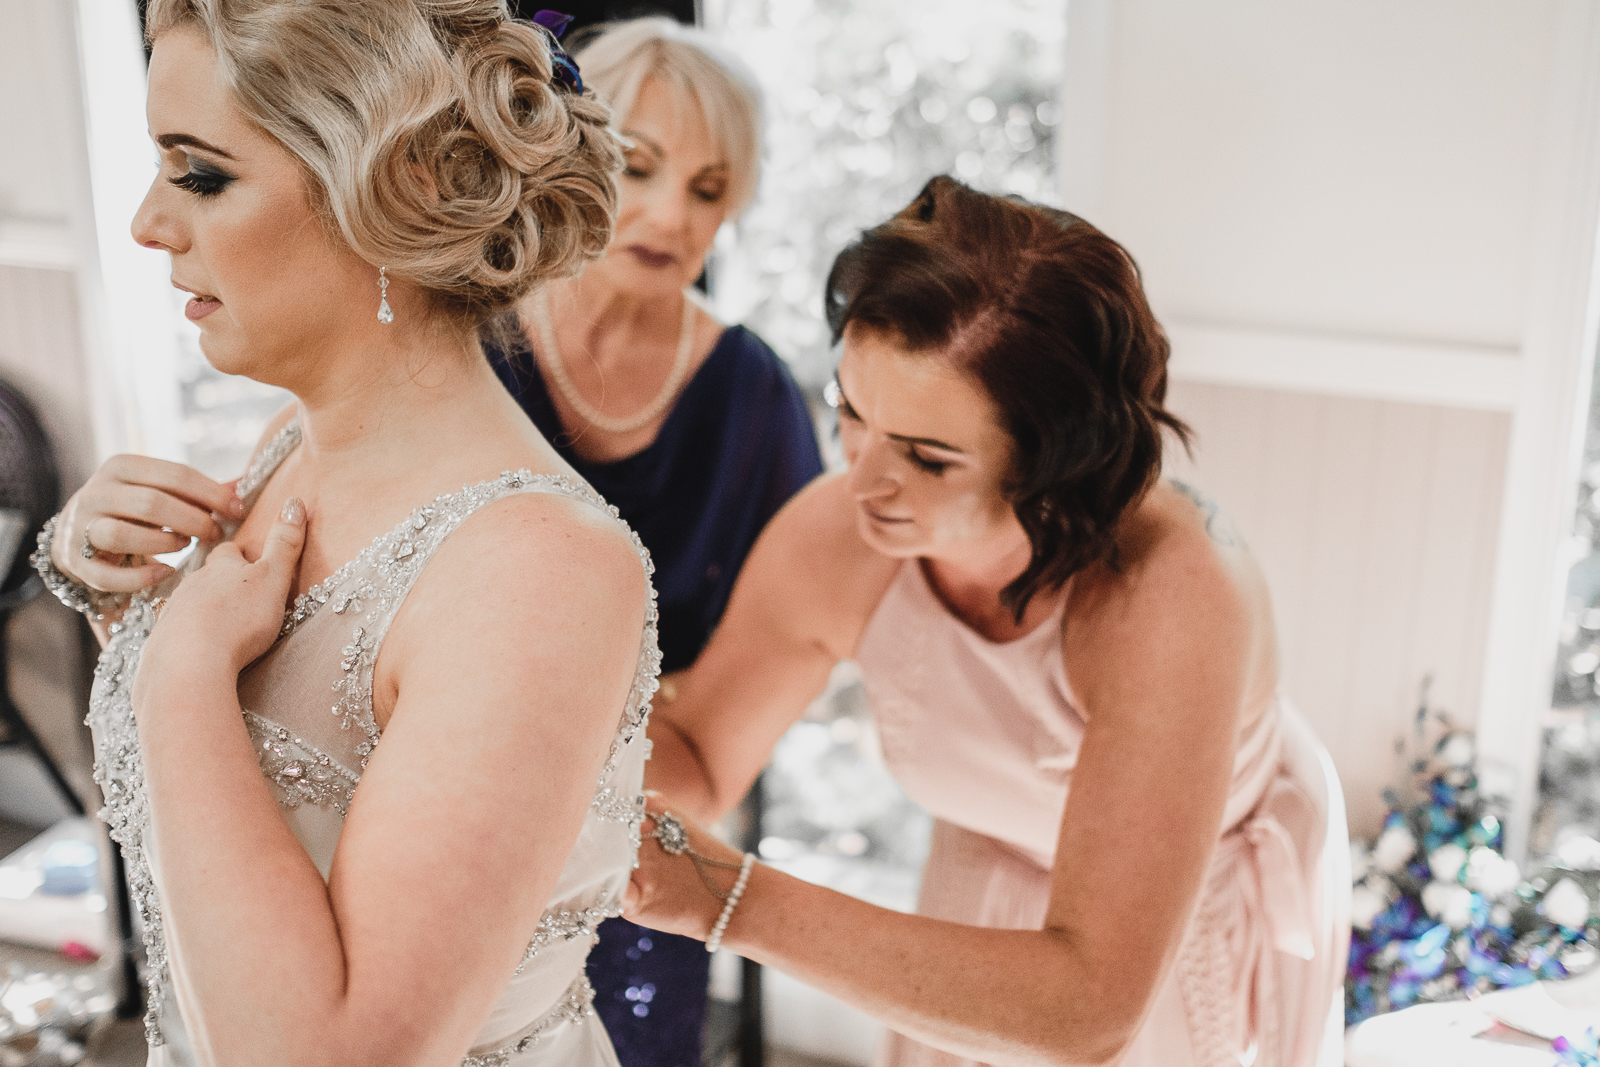 ArtAroundPhotos-jax_wedding-28.10.18-26.jpg